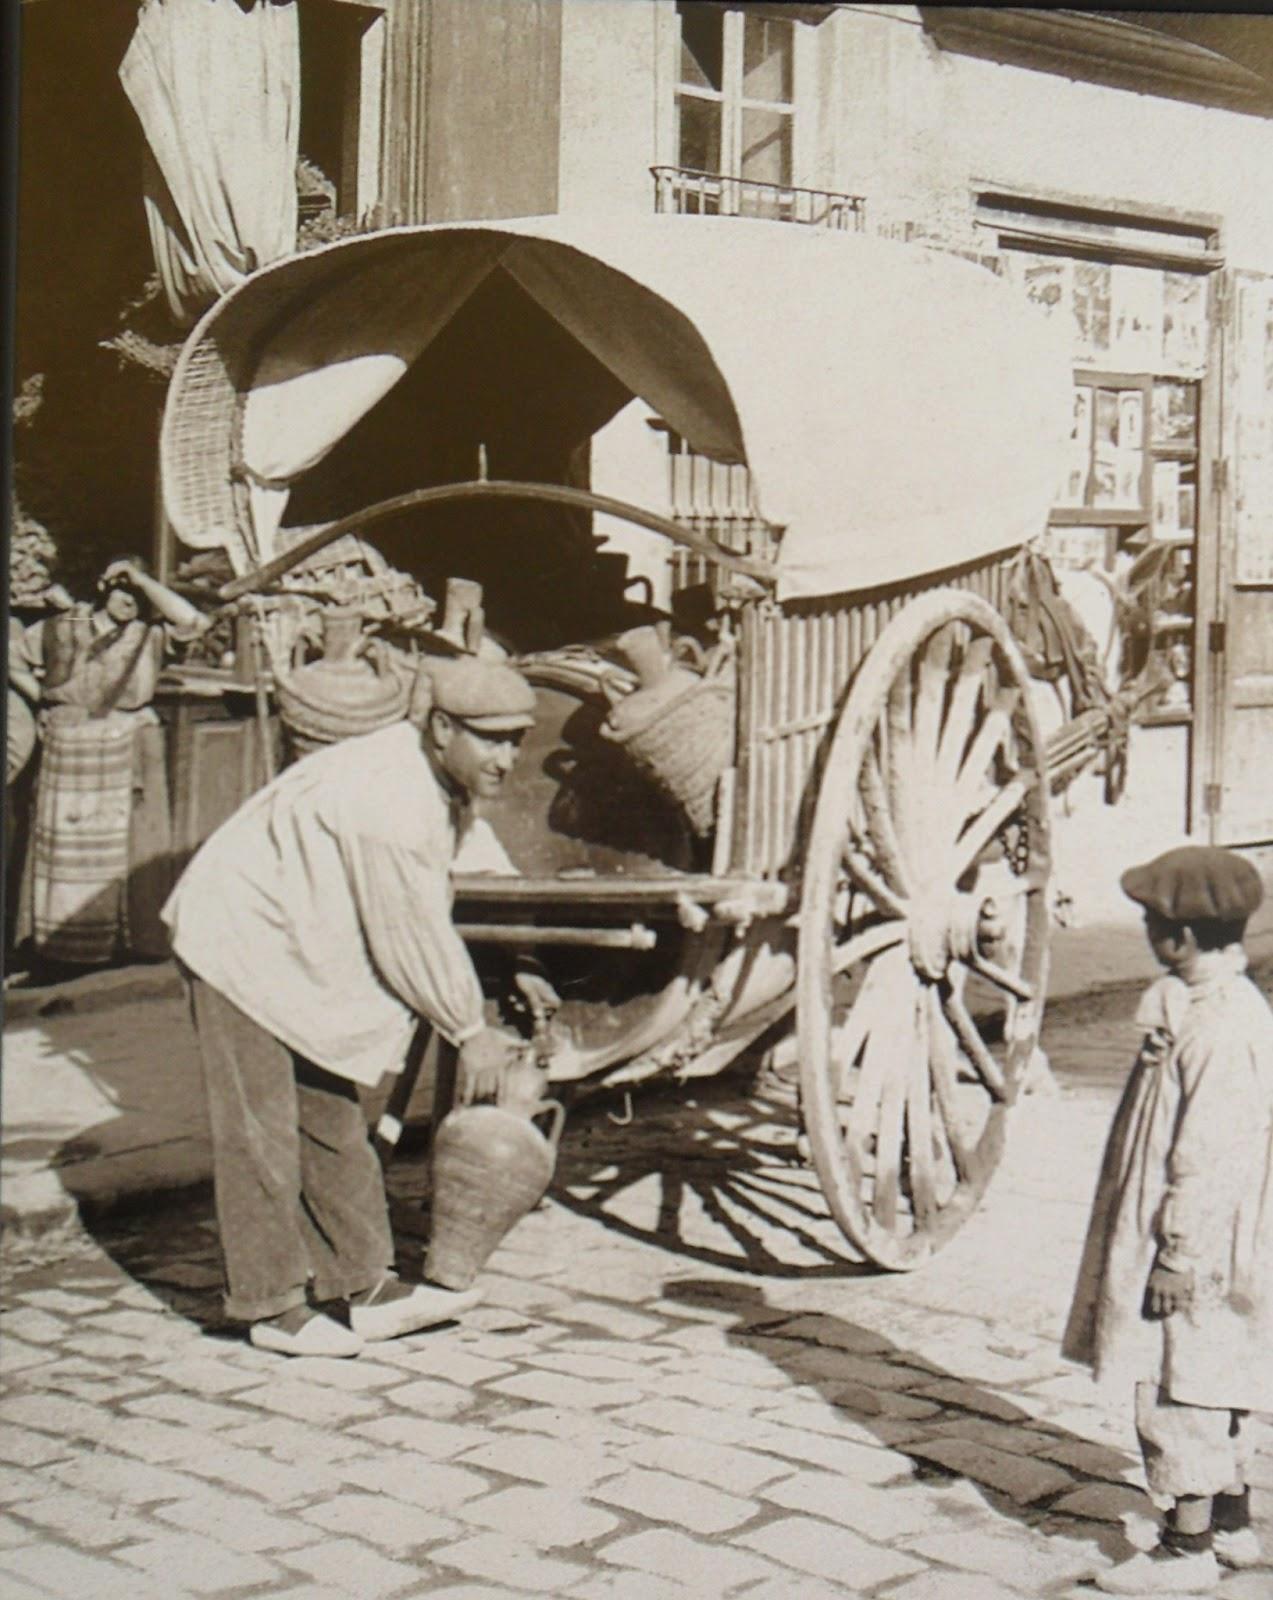 En ateneo invitacion val ncia en blanc i negre ii for Fotos antiguas de valencia